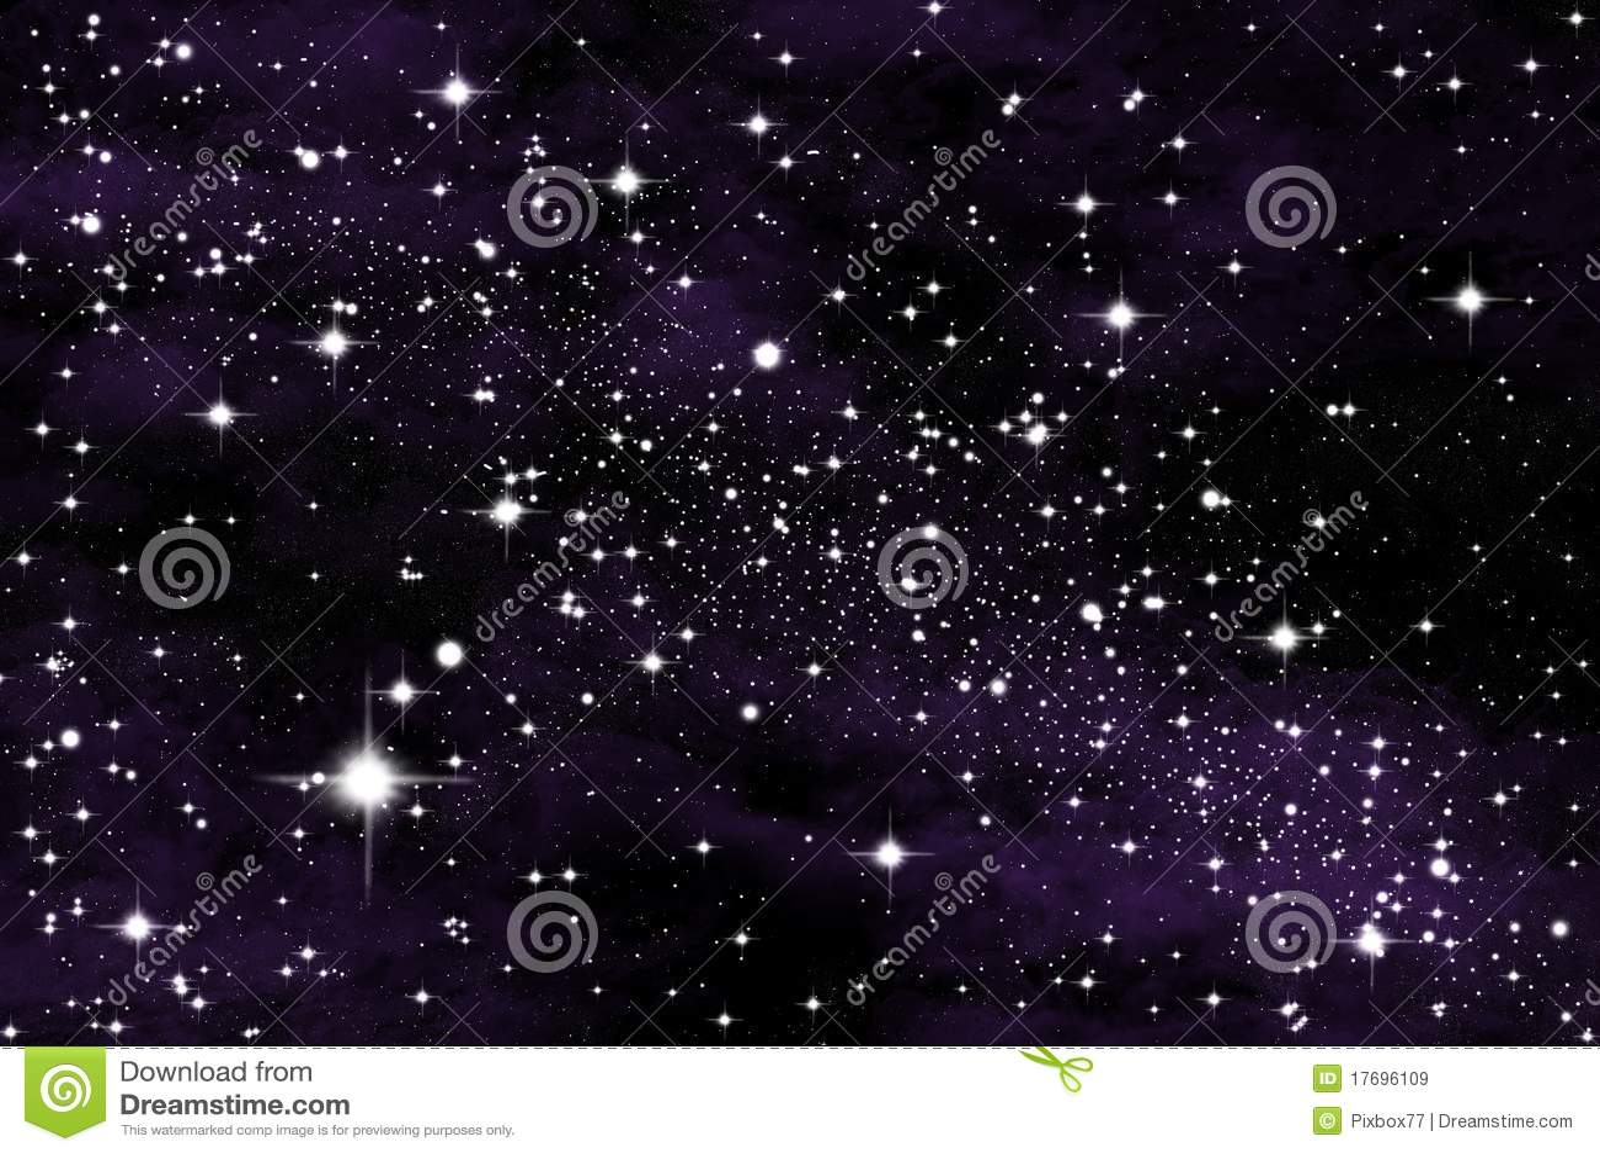 Ilustração Gratis Espaço Todos Os Universo Cosmos: Estrela No Universo Ilustração Stock. Ilustração De Nave